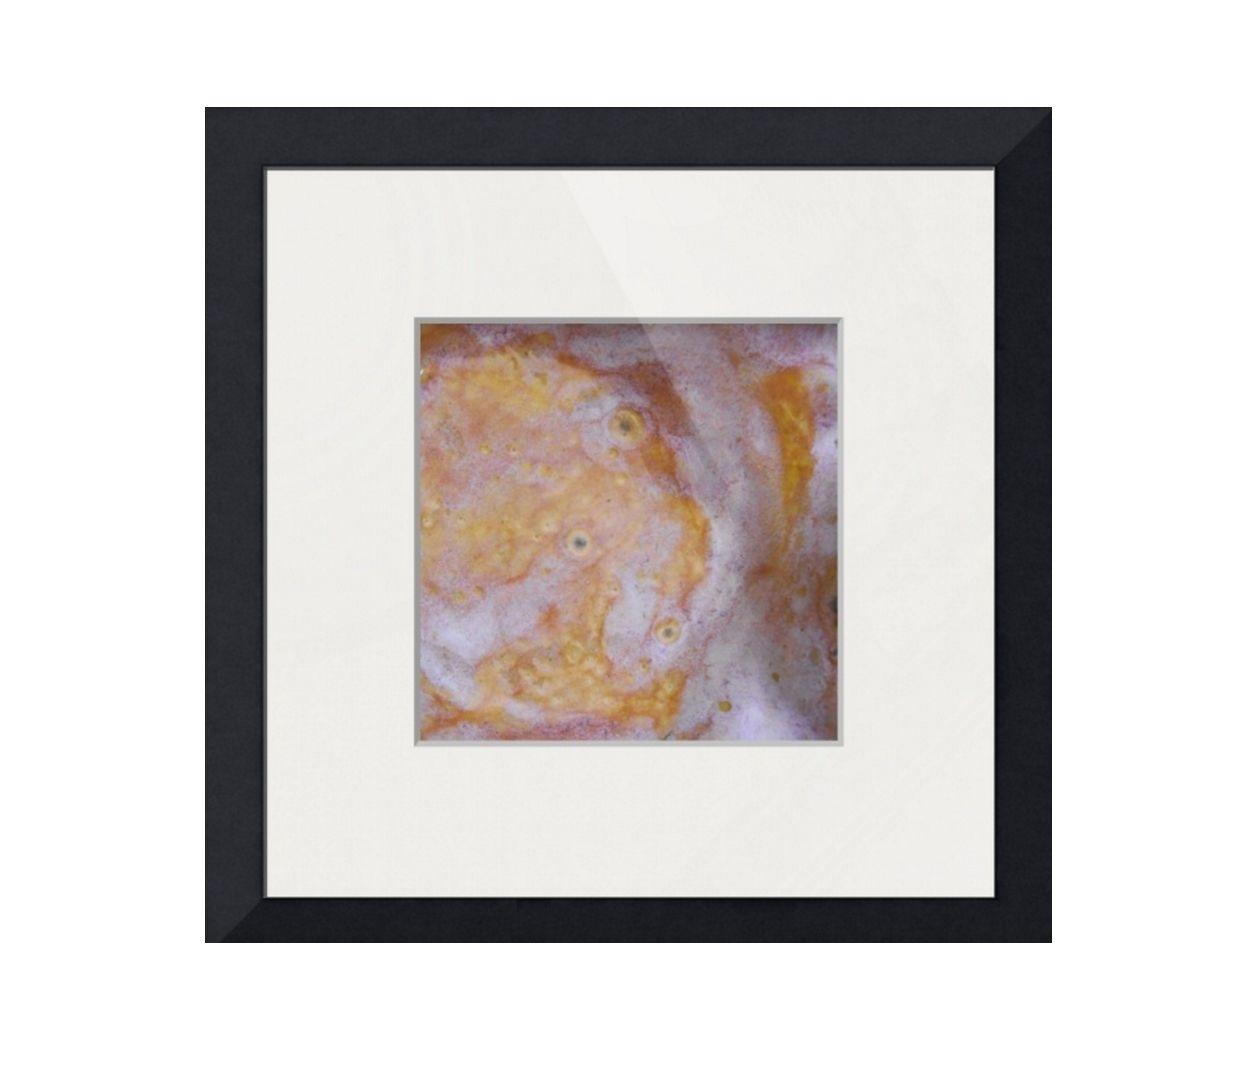 Orange Beige And White Modern Framed Prints | Rustic Artwork Inside Current Framed Art Prints (View 10 of 15)